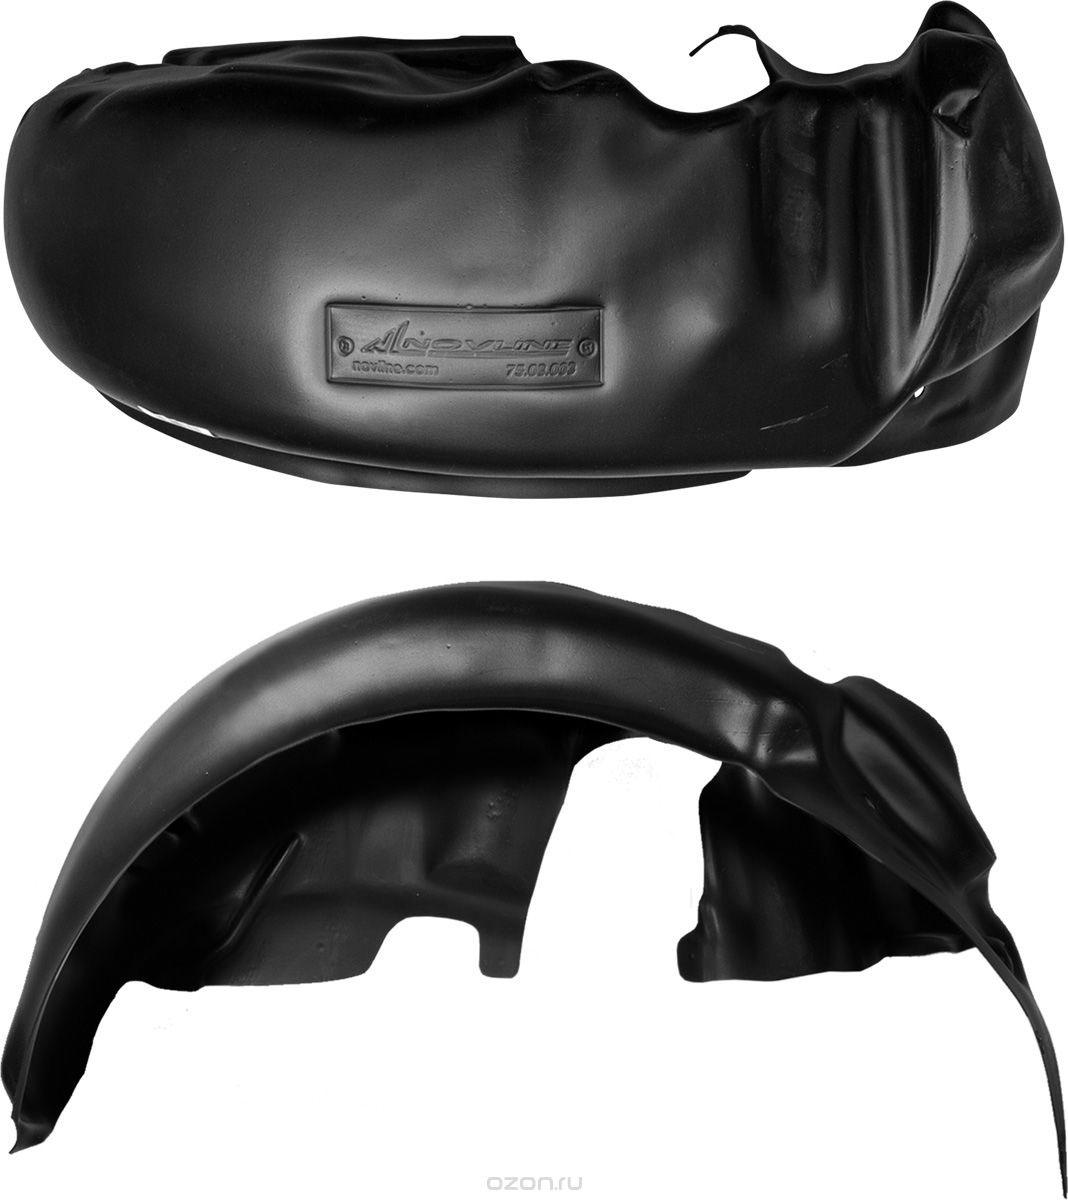 Подкрылок Novline-Autofamily, для Kia Cerato, 03/2009-2013, задний левыйNLL.25.26.003Идеальная защита колесной ниши. Локеры разработаны с применением цифровых технологий, гарантируют максимальную повторяемость поверхности арки. Изделия устанавливаются без нарушения лакокрасочного покрытия автомобиля, каждый подкрылок комплектуется крепежом. Уважаемые клиенты, обращаем ваше внимание, что фотографии на подкрылки универсальные и не отражают реальную форму изделия. При этом само изделие идет точно под размер указанного автомобиля.